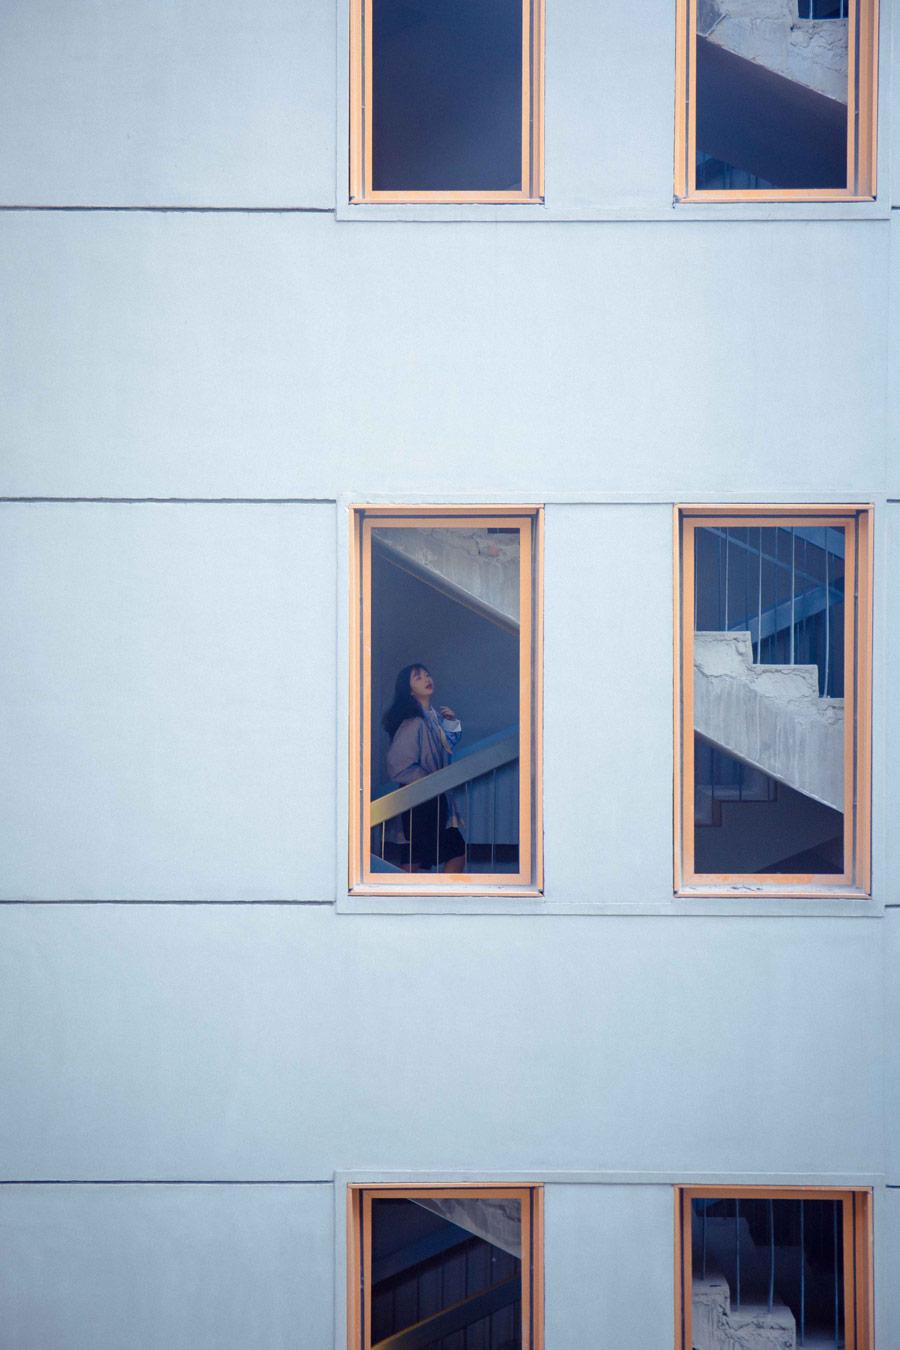 设计师风格!窗台边的微光